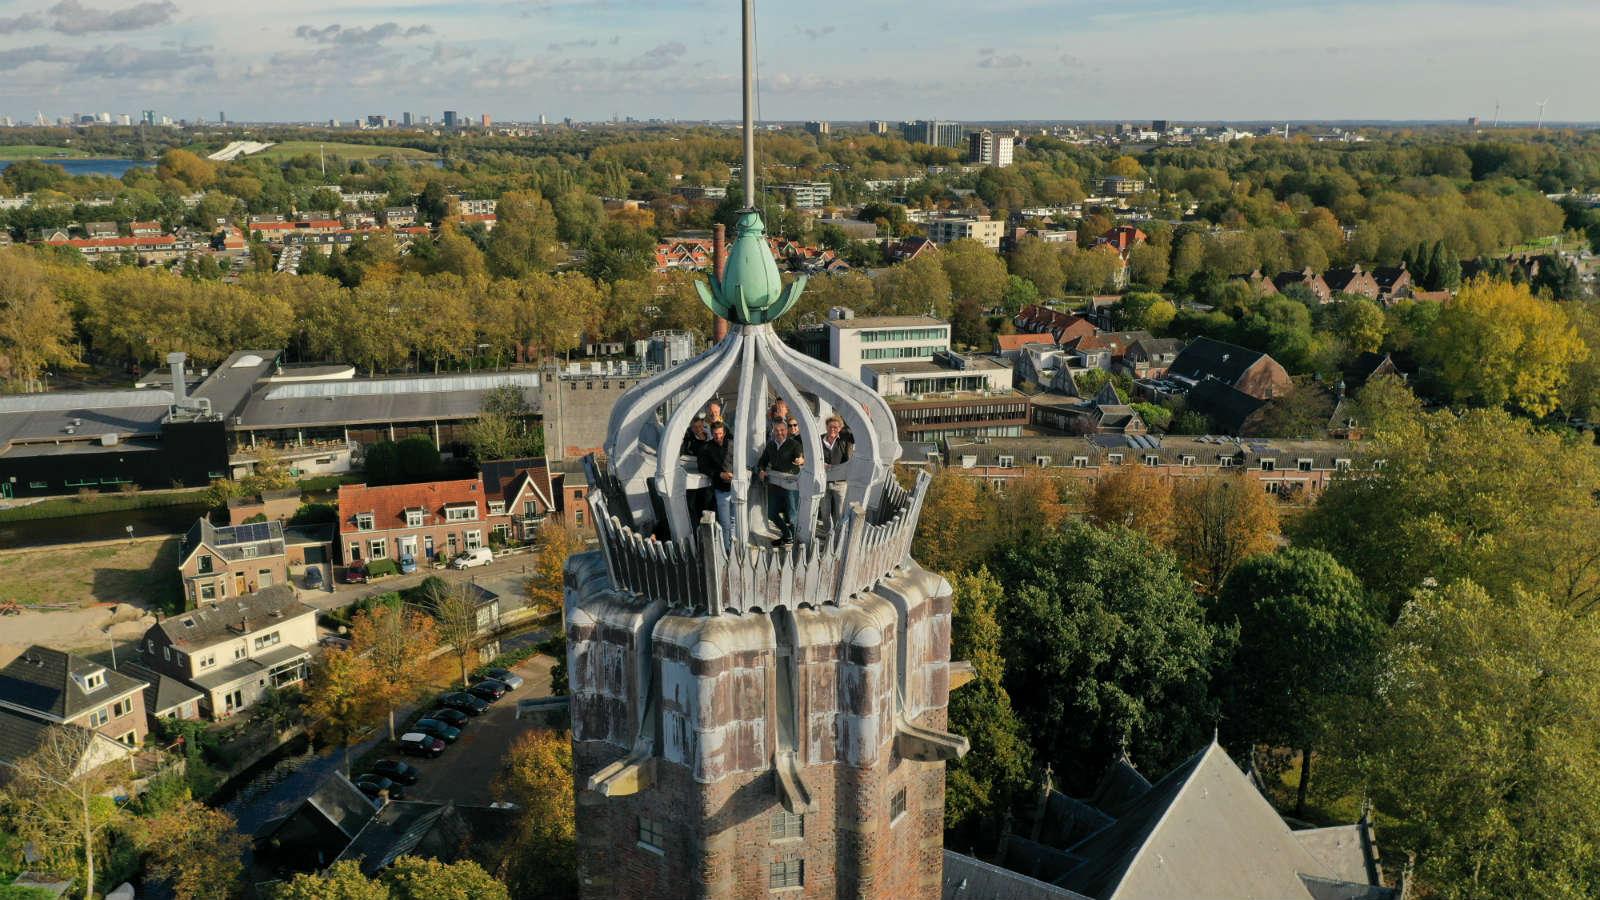 Jury-Fotowedstrijd--IJsselstein-2019-Oude-Sint-Nicolaaskerk-fotocredits-Dennis-van-Vliet